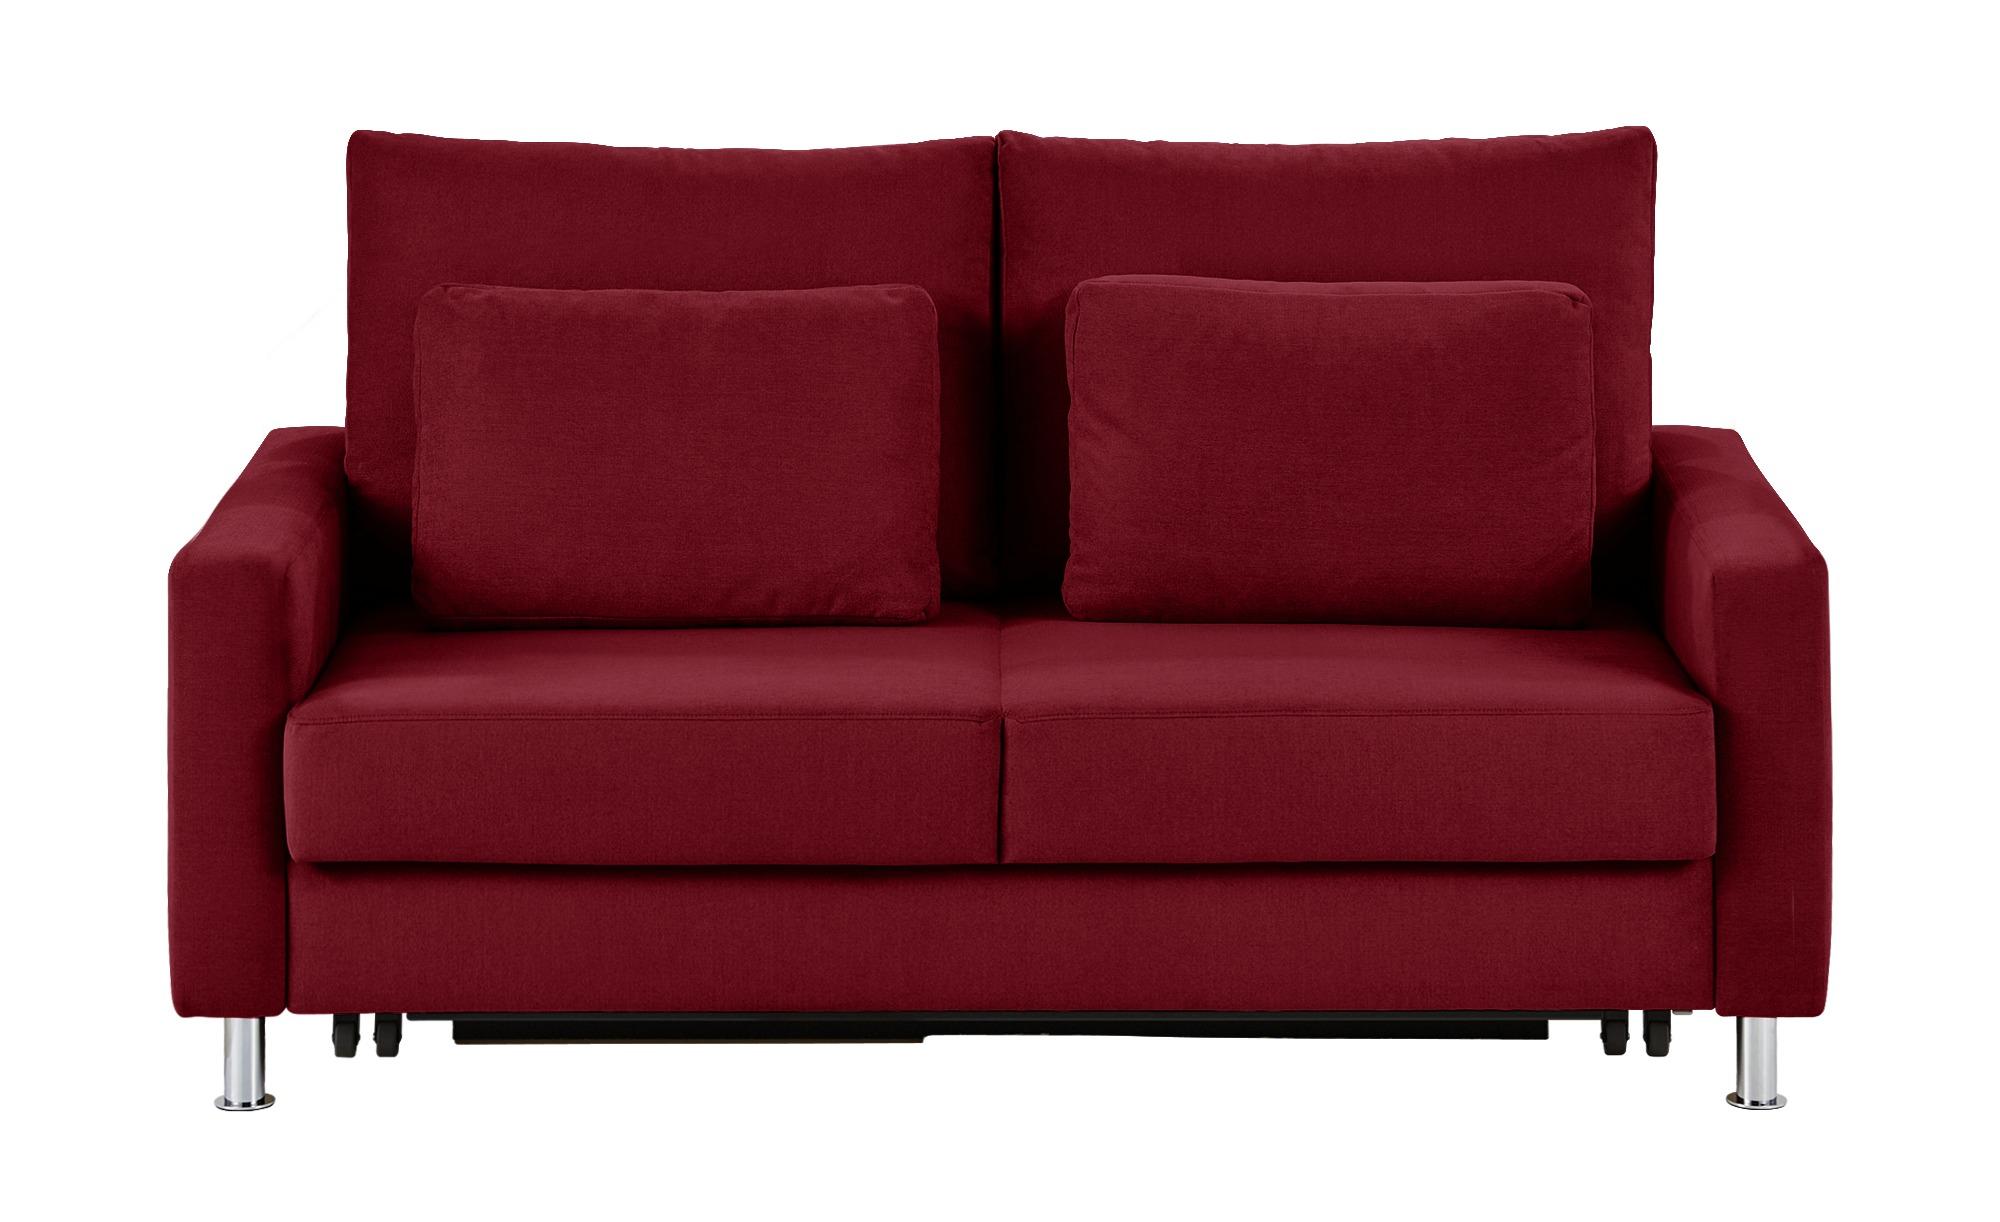 Schlafsofa rot - Mikrofaser Fürth ¦ rot ¦ Maße (cm): B: 186 H: 90 T: 95 Polstermöbel > Sofas > 2-Sitzer - Höffner